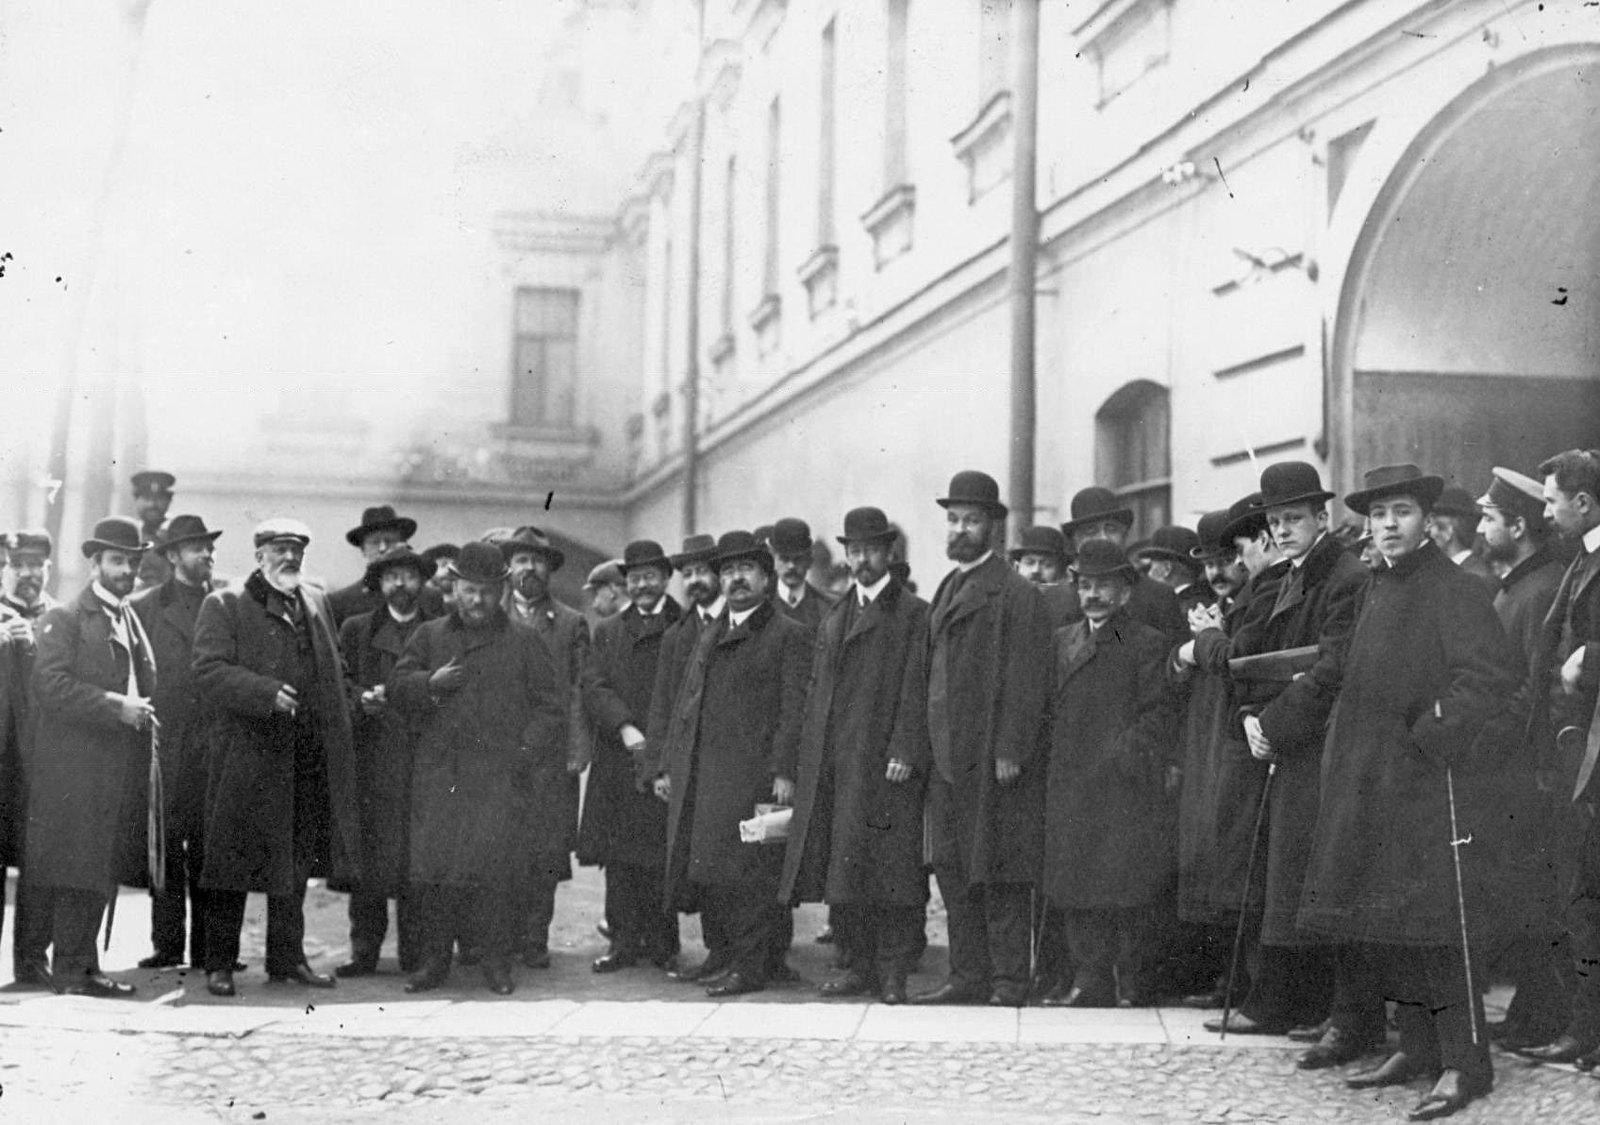 1906. Группа депутатов Первой Государственной думы, осужденных на 3 месяца тюремного заключения за подписание Выборгского воззвания, во дворе тюрьмы.